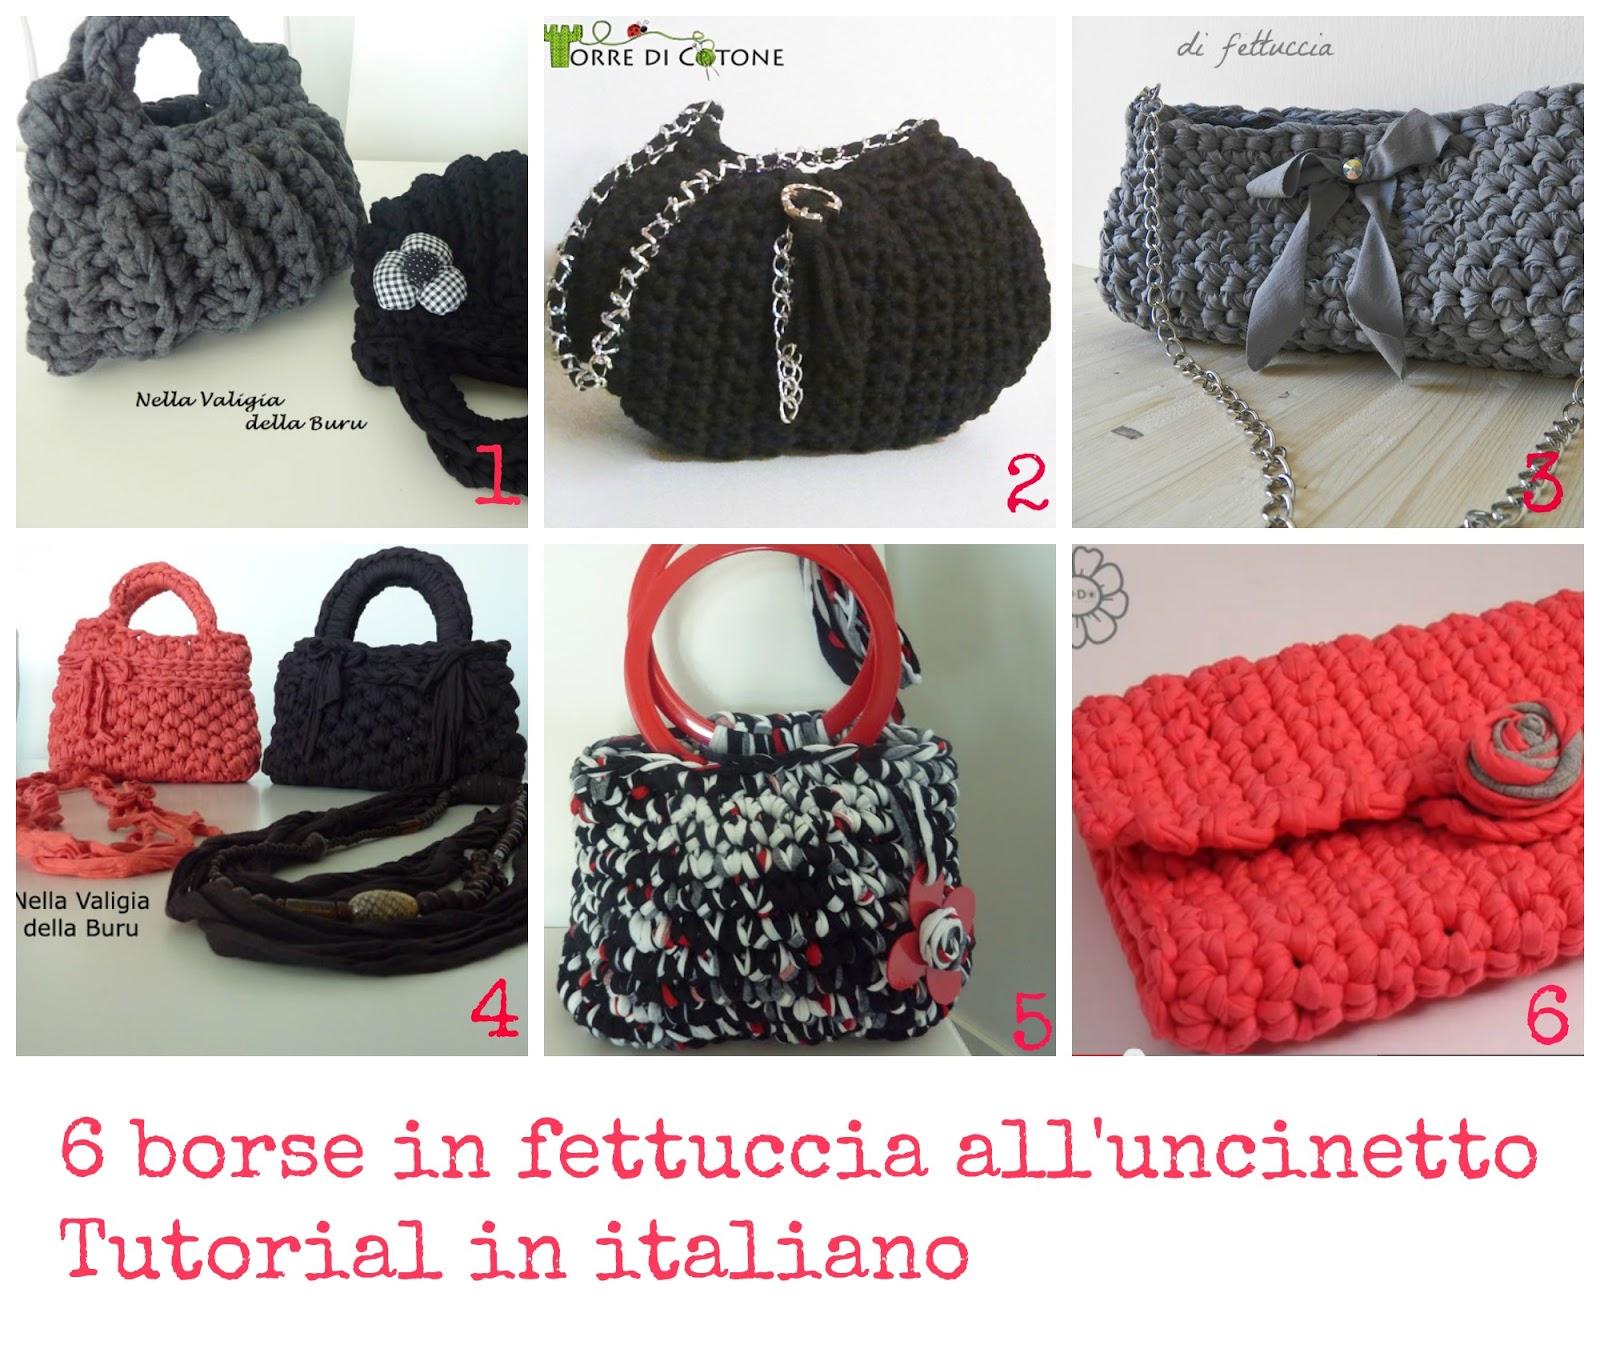 da13e0fde1dce 6 borse in fettuccia all uncinetto Tutorial in italiano ...